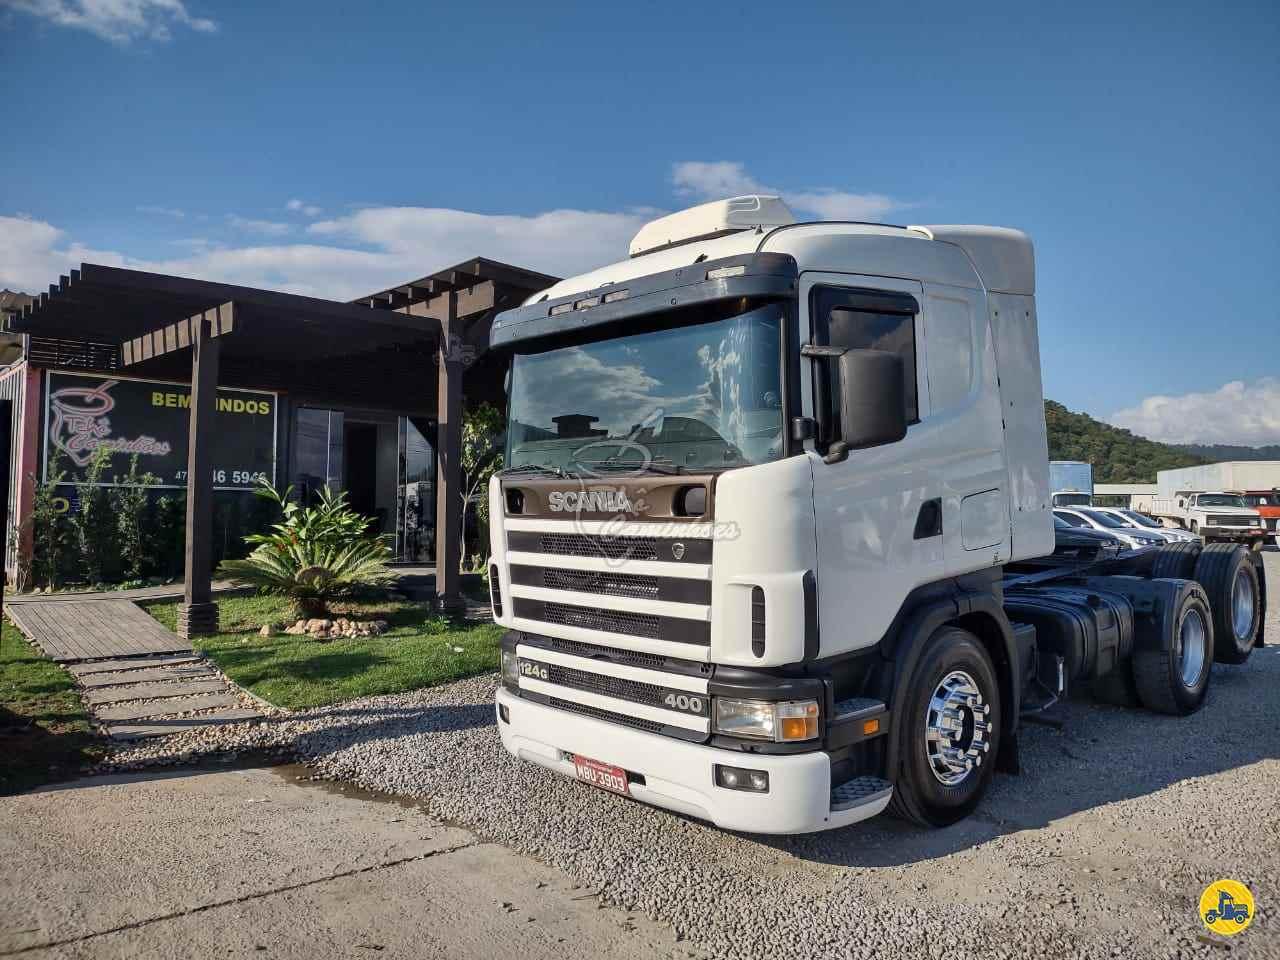 CAMINHAO SCANIA SCANIA 124 400 Cavalo Mecânico Truck 6x2 Tchê Caminhões ITAJAI SANTA CATARINA SC